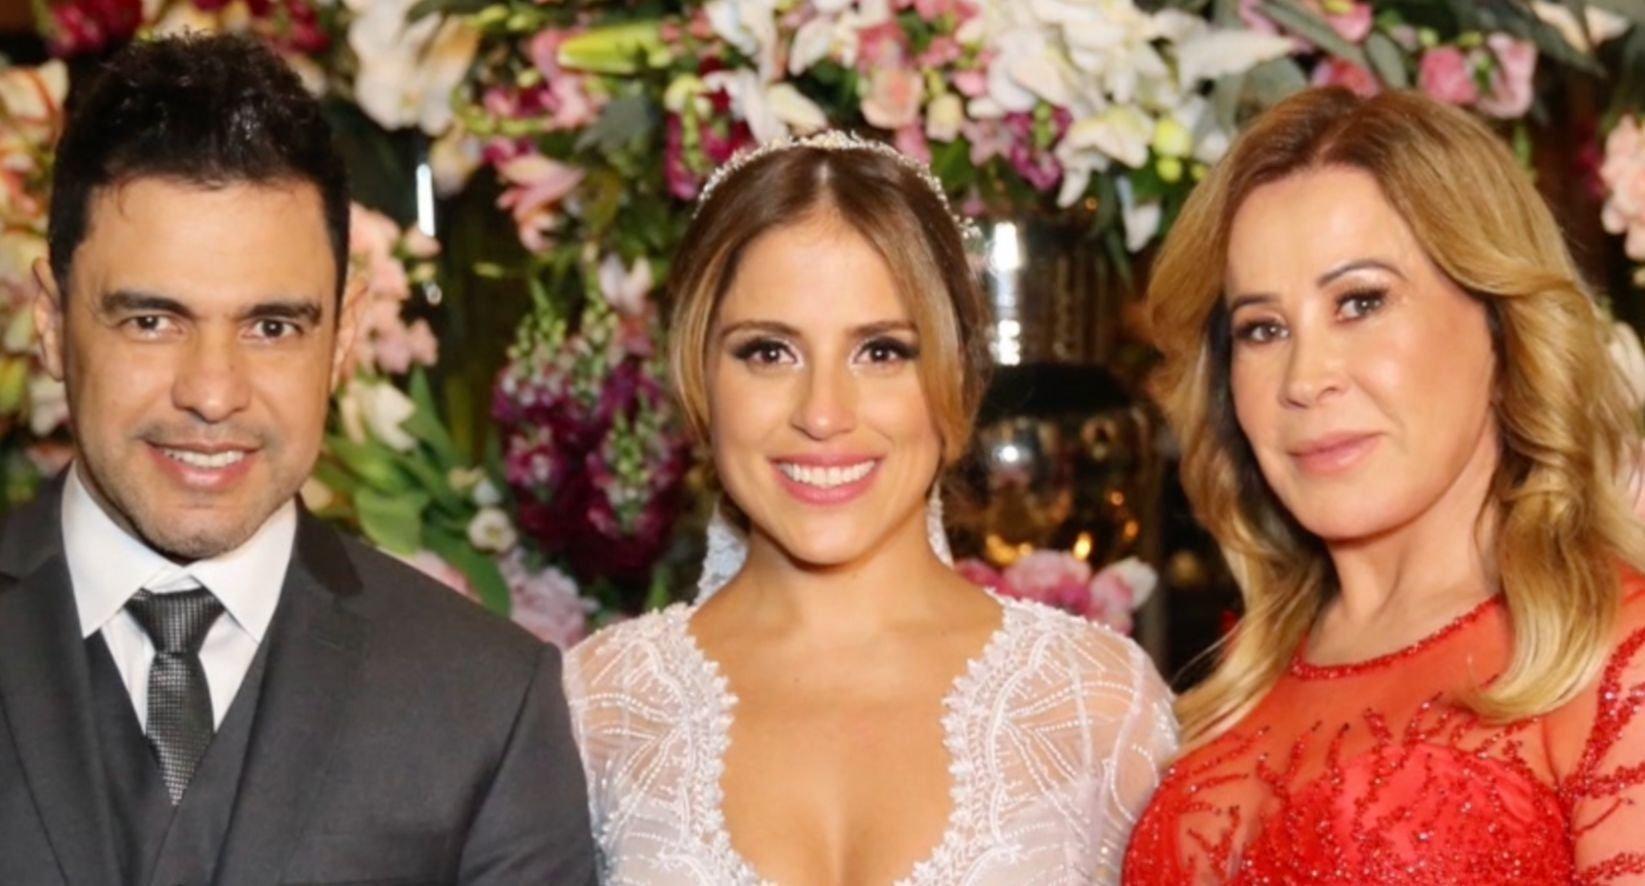 b5f2d630 c32f 11e8 81cd 849bbe4acb41.jpg?resize=1200,630 - Vestido de noiva de Camilla Camargo chama a atenção por BONITO DETALHE no decote: Vem ver!